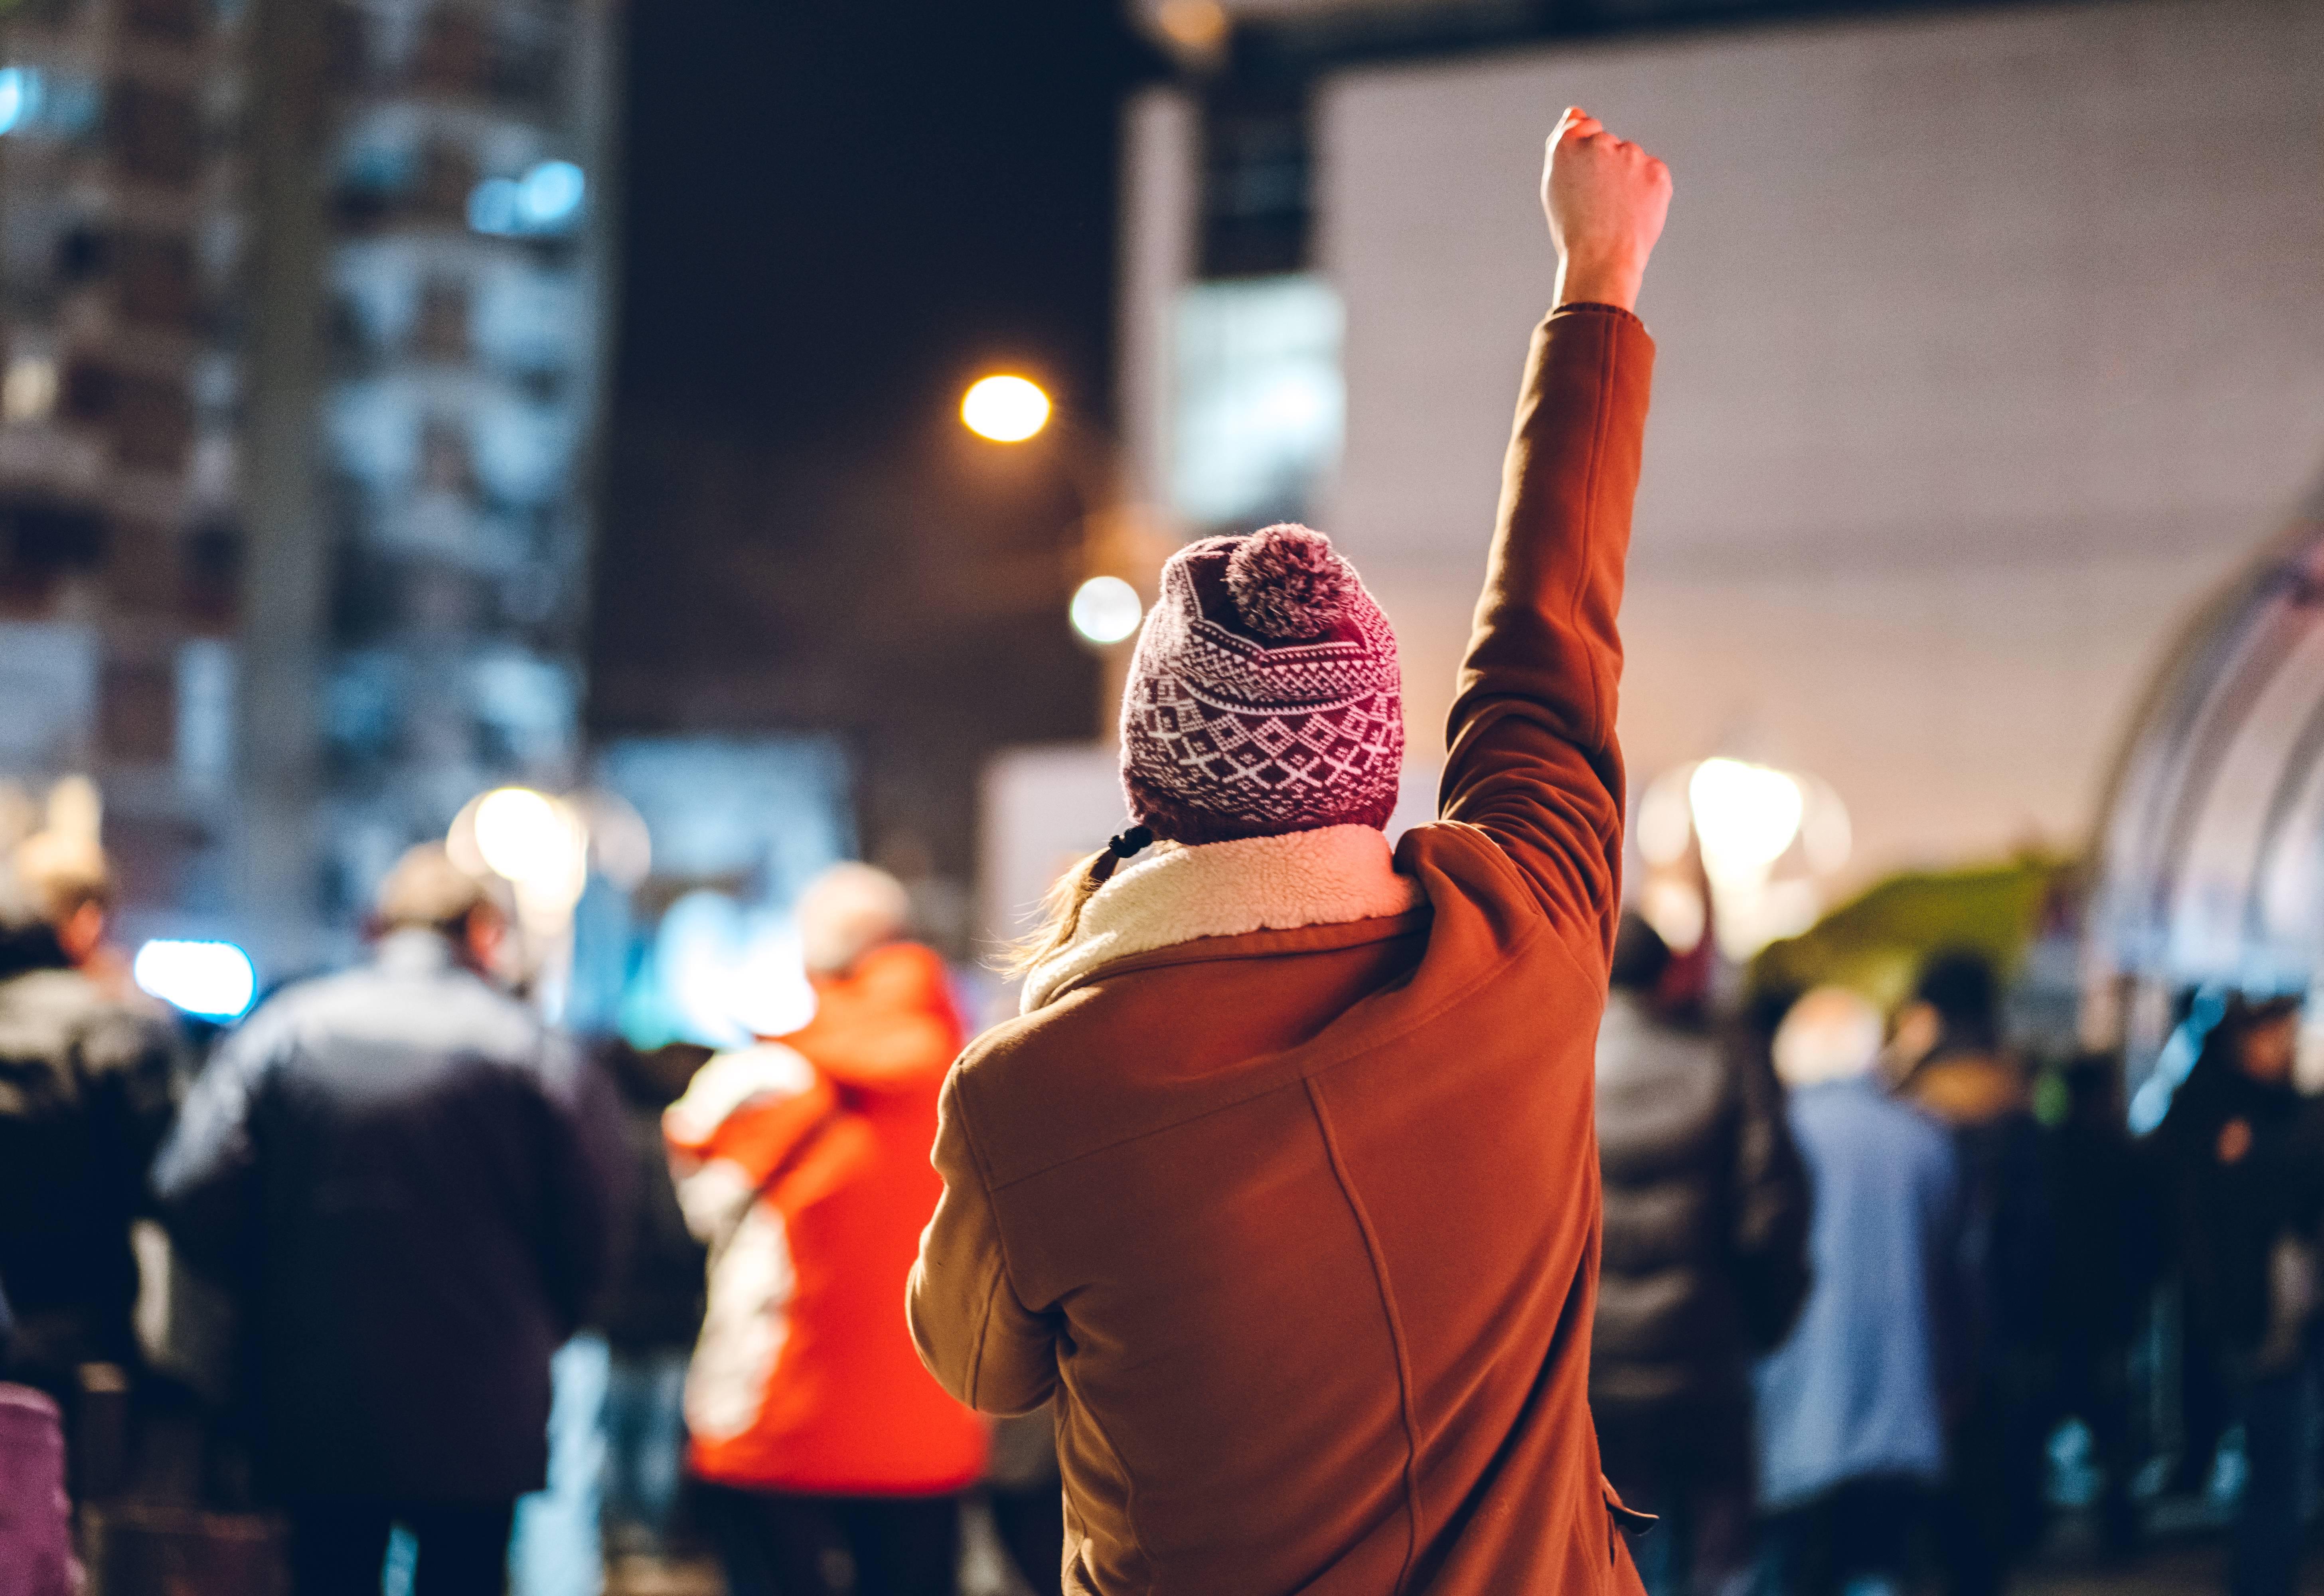 Why Capitalism Needs Populism | by Raghuram G. Rajan